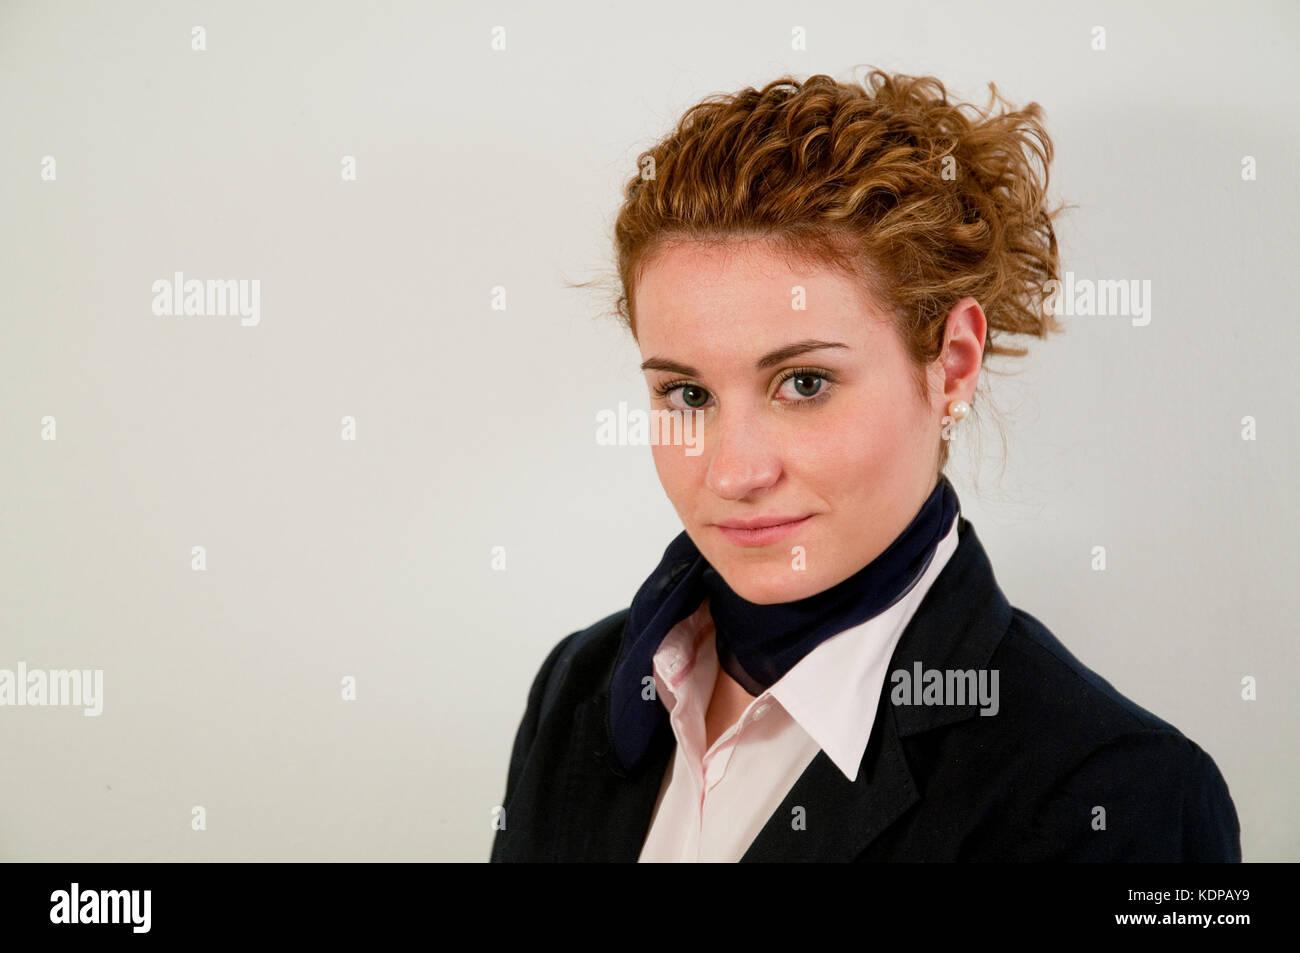 Portrait de jeune hôtesse de l'air, regardant la caméra. Photo Stock